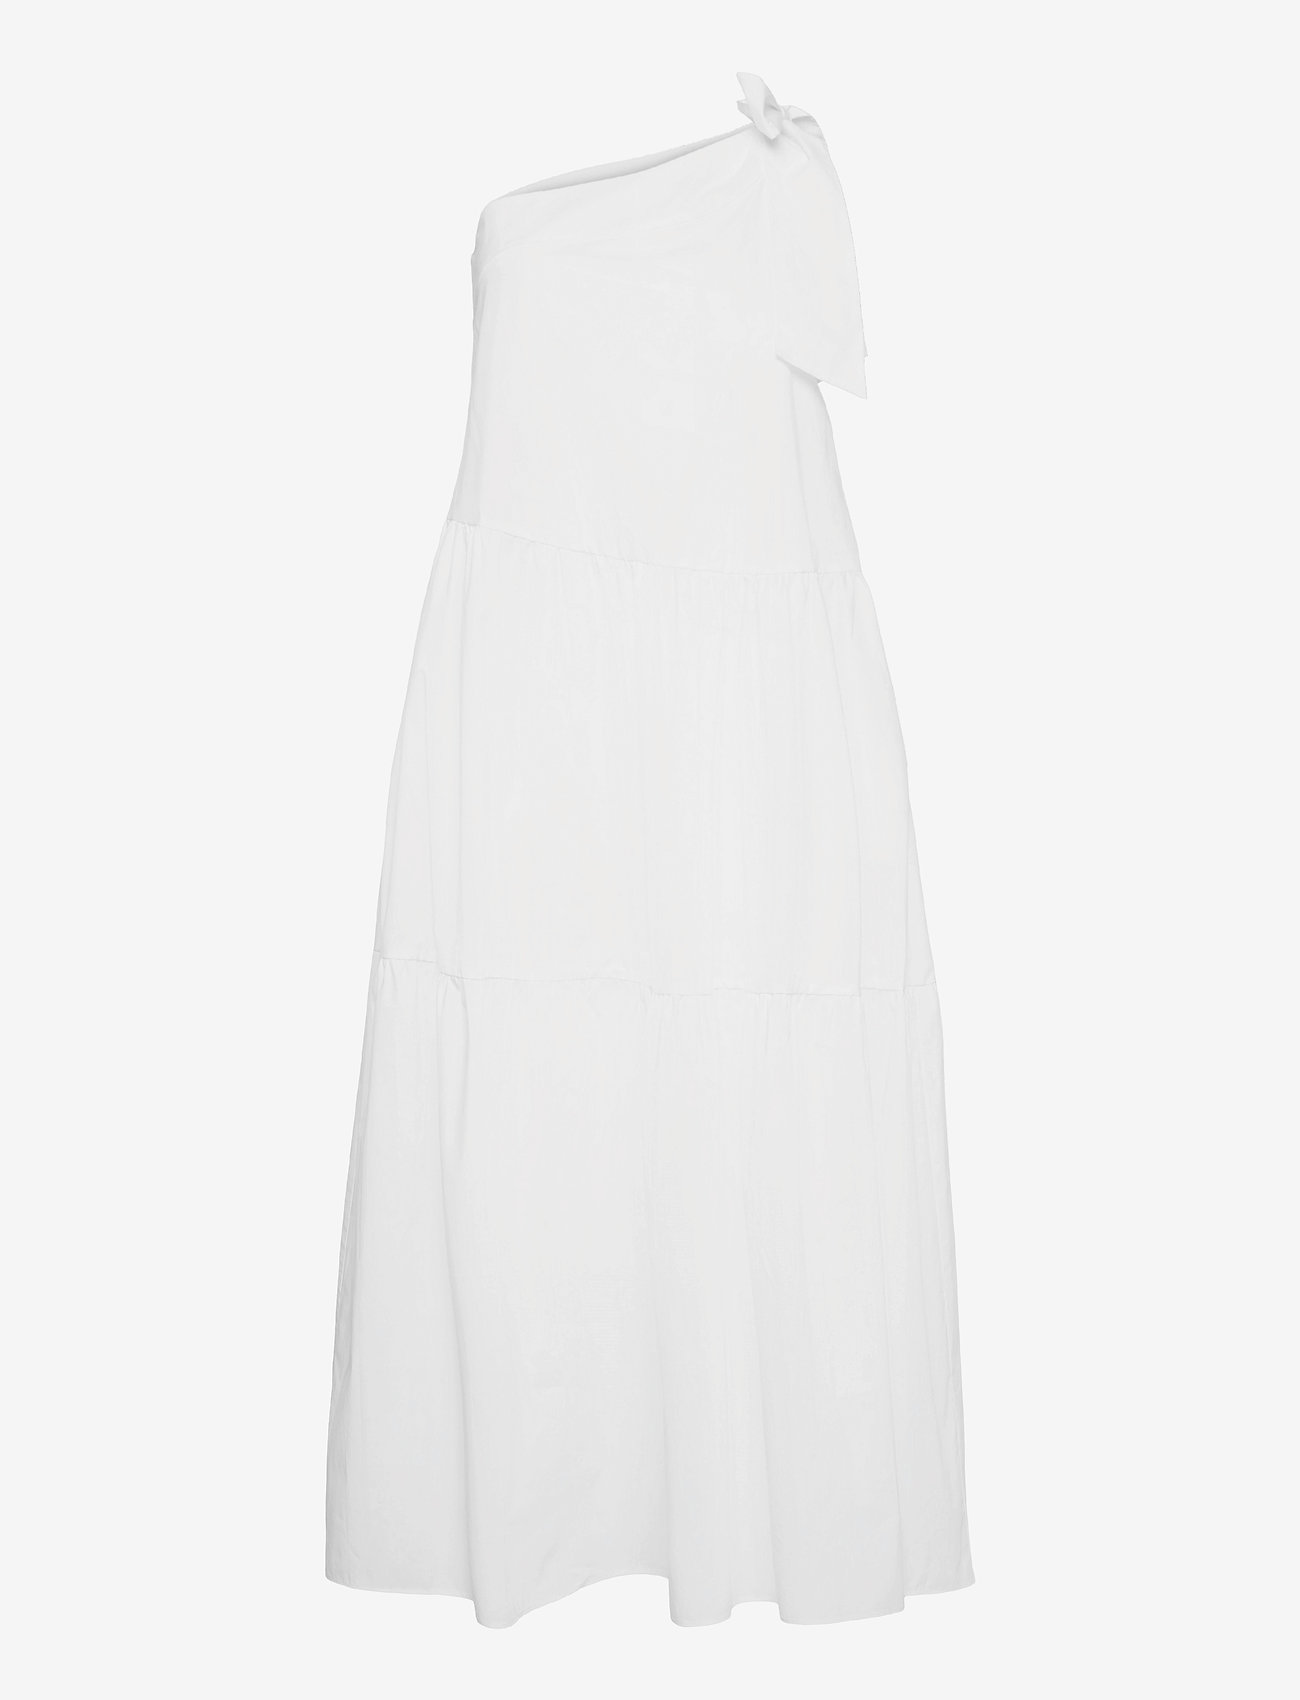 Ivy & Oak - ONE SHOULDER DRESS MAXI LENGHT - sommerkjoler - bright white - 0